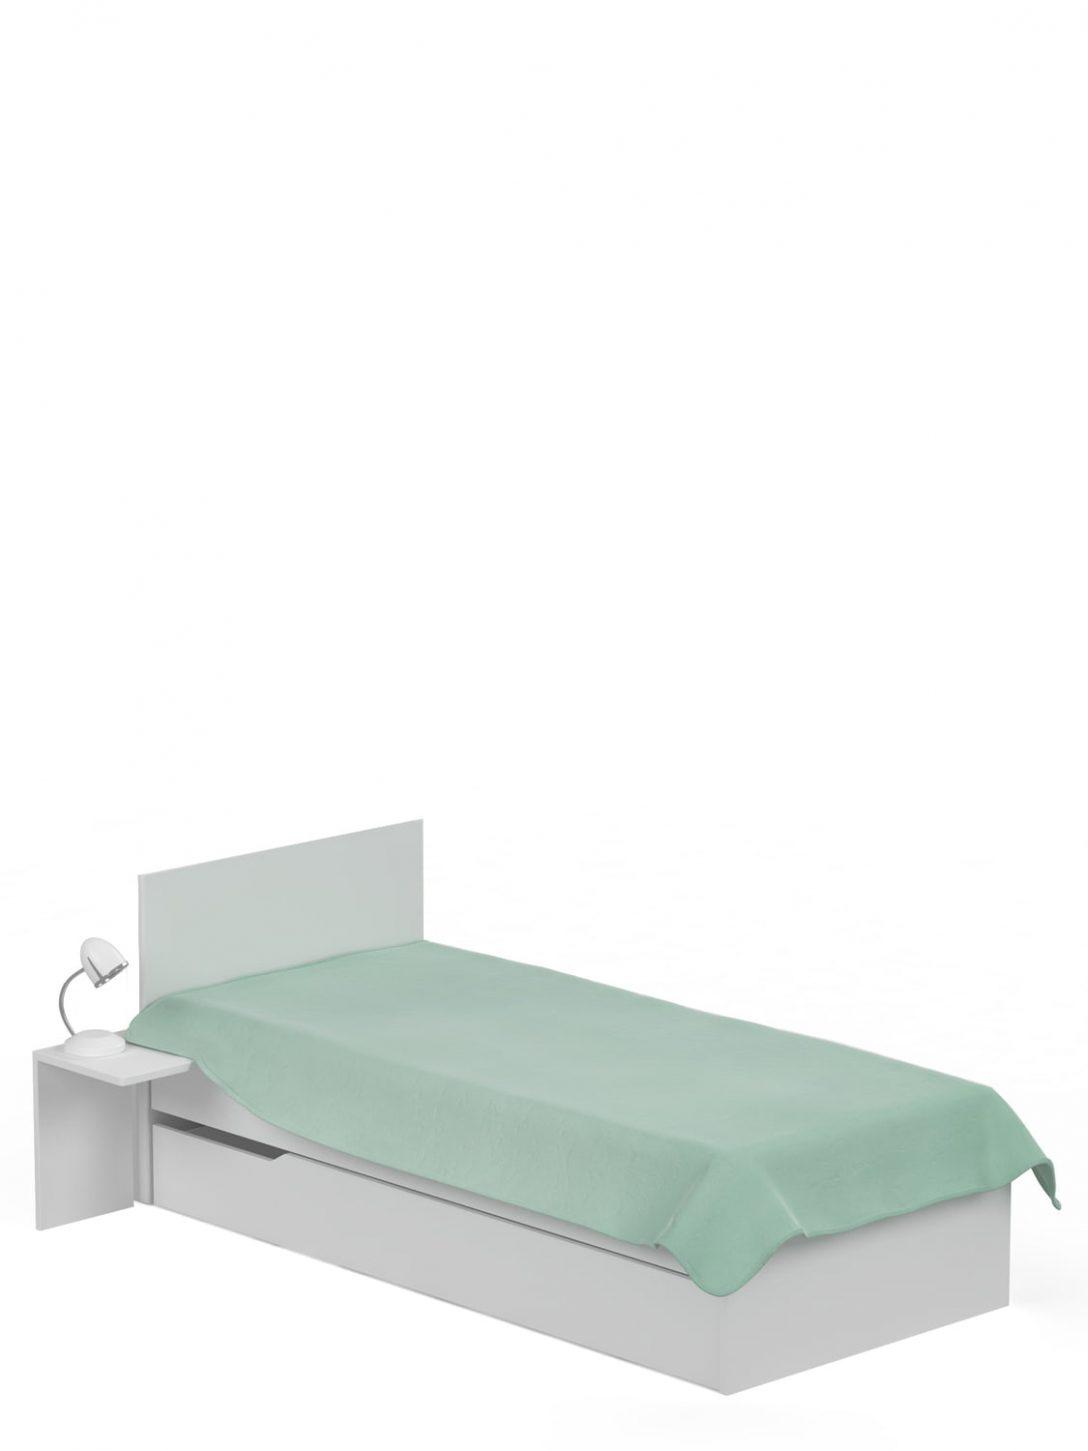 Large Size of Bett 120x200 Uni White Meblik Betten De 140 X 200 Wickelbrett Für Mit Schubladen 140x200 Bettkasten Sonoma Eiche Topper Selber Bauen 1 40x2 00 Boxspring Bett Bett 120x200